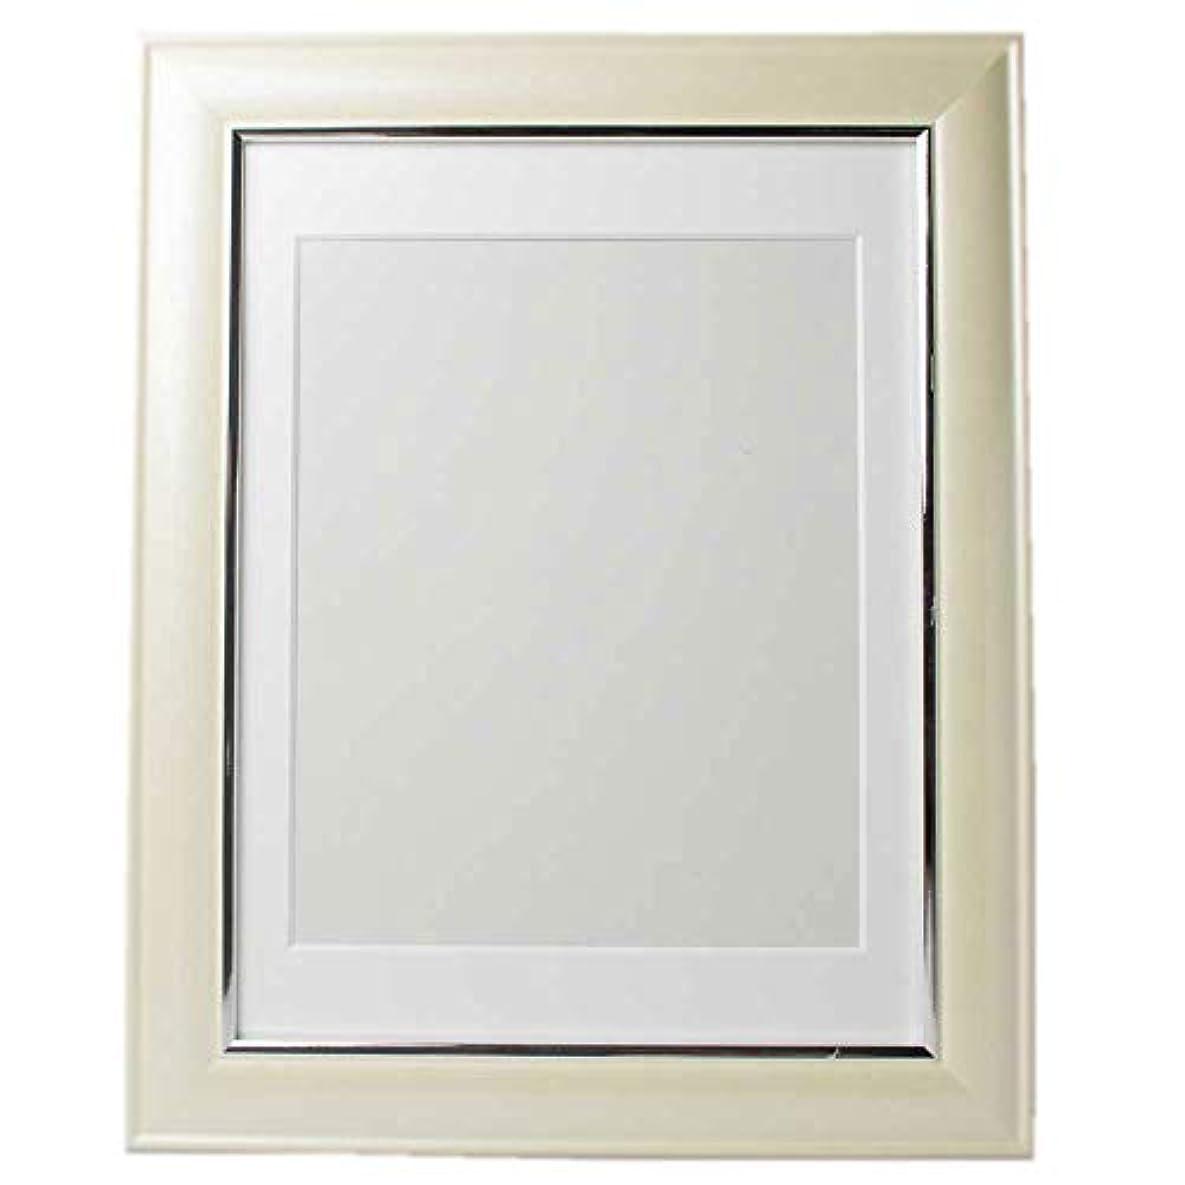 解任確率解説佐藤葬祭 遺影 クリーム 黄白色 額縁 肖像額 葬儀用四つ切写真 無反射ガラス